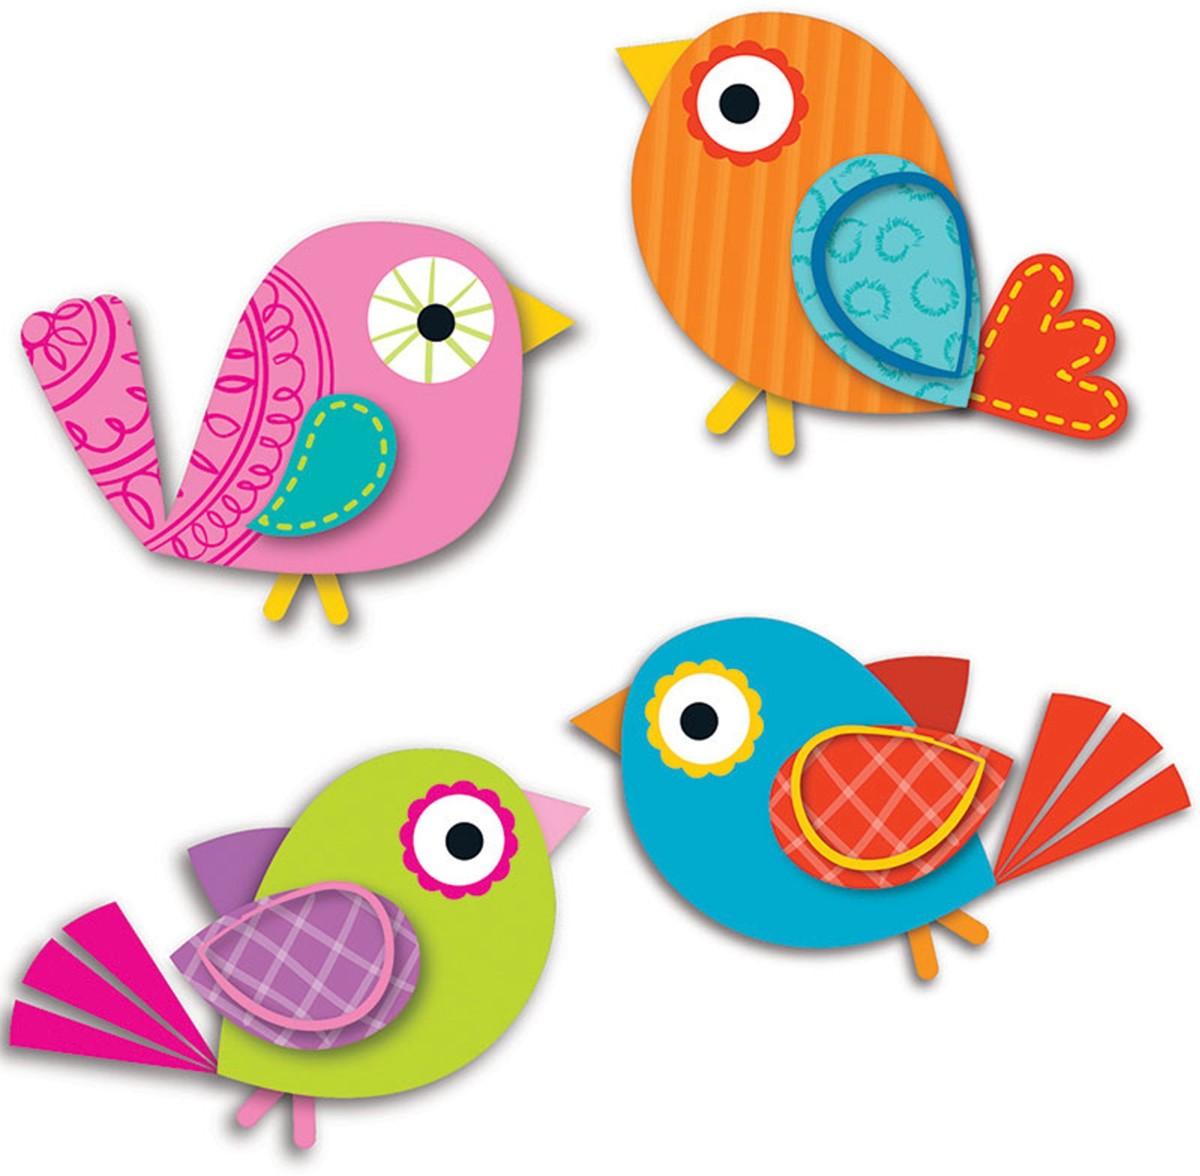 Boho Birds Cut Outs Cd 120194 Carson Dellosa Accents K12 School